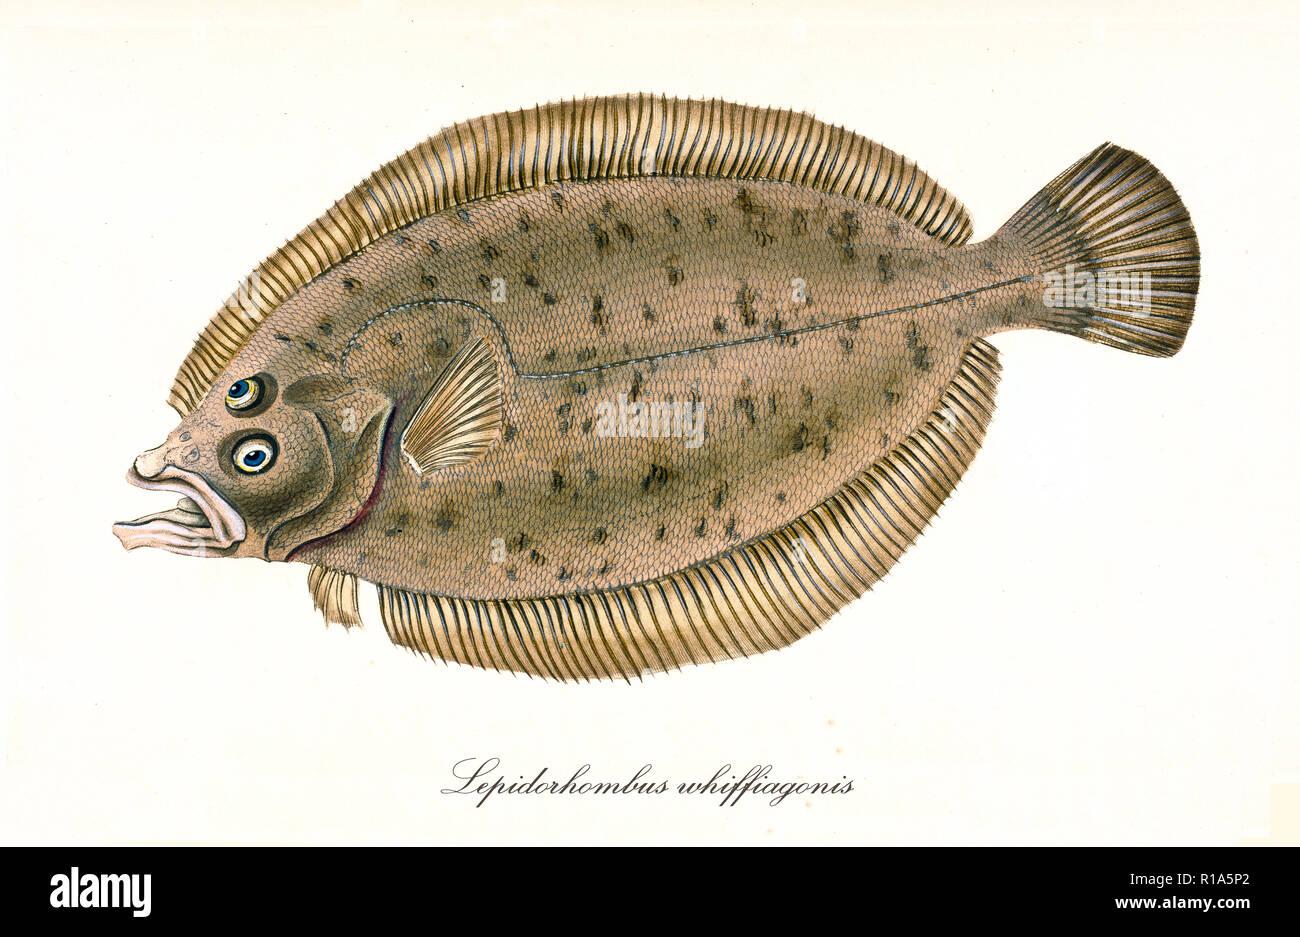 Antica Illustrazione Colorata Del Rombo Giallo Lepidorhombus